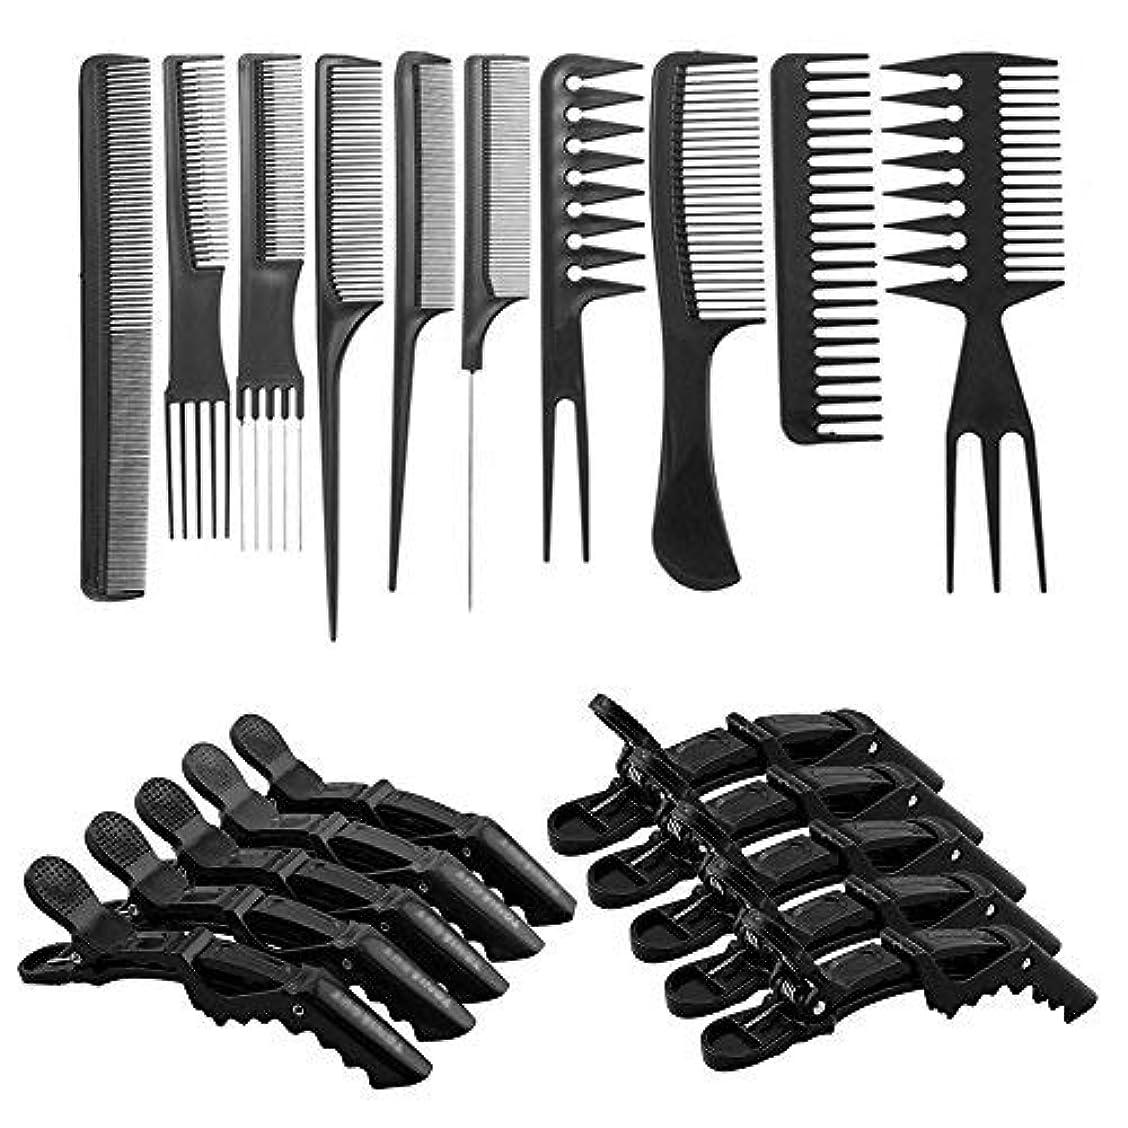 したい十一フロント10 Pcs Professional Hair Styling Comb Set with Styling Clips [並行輸入品]